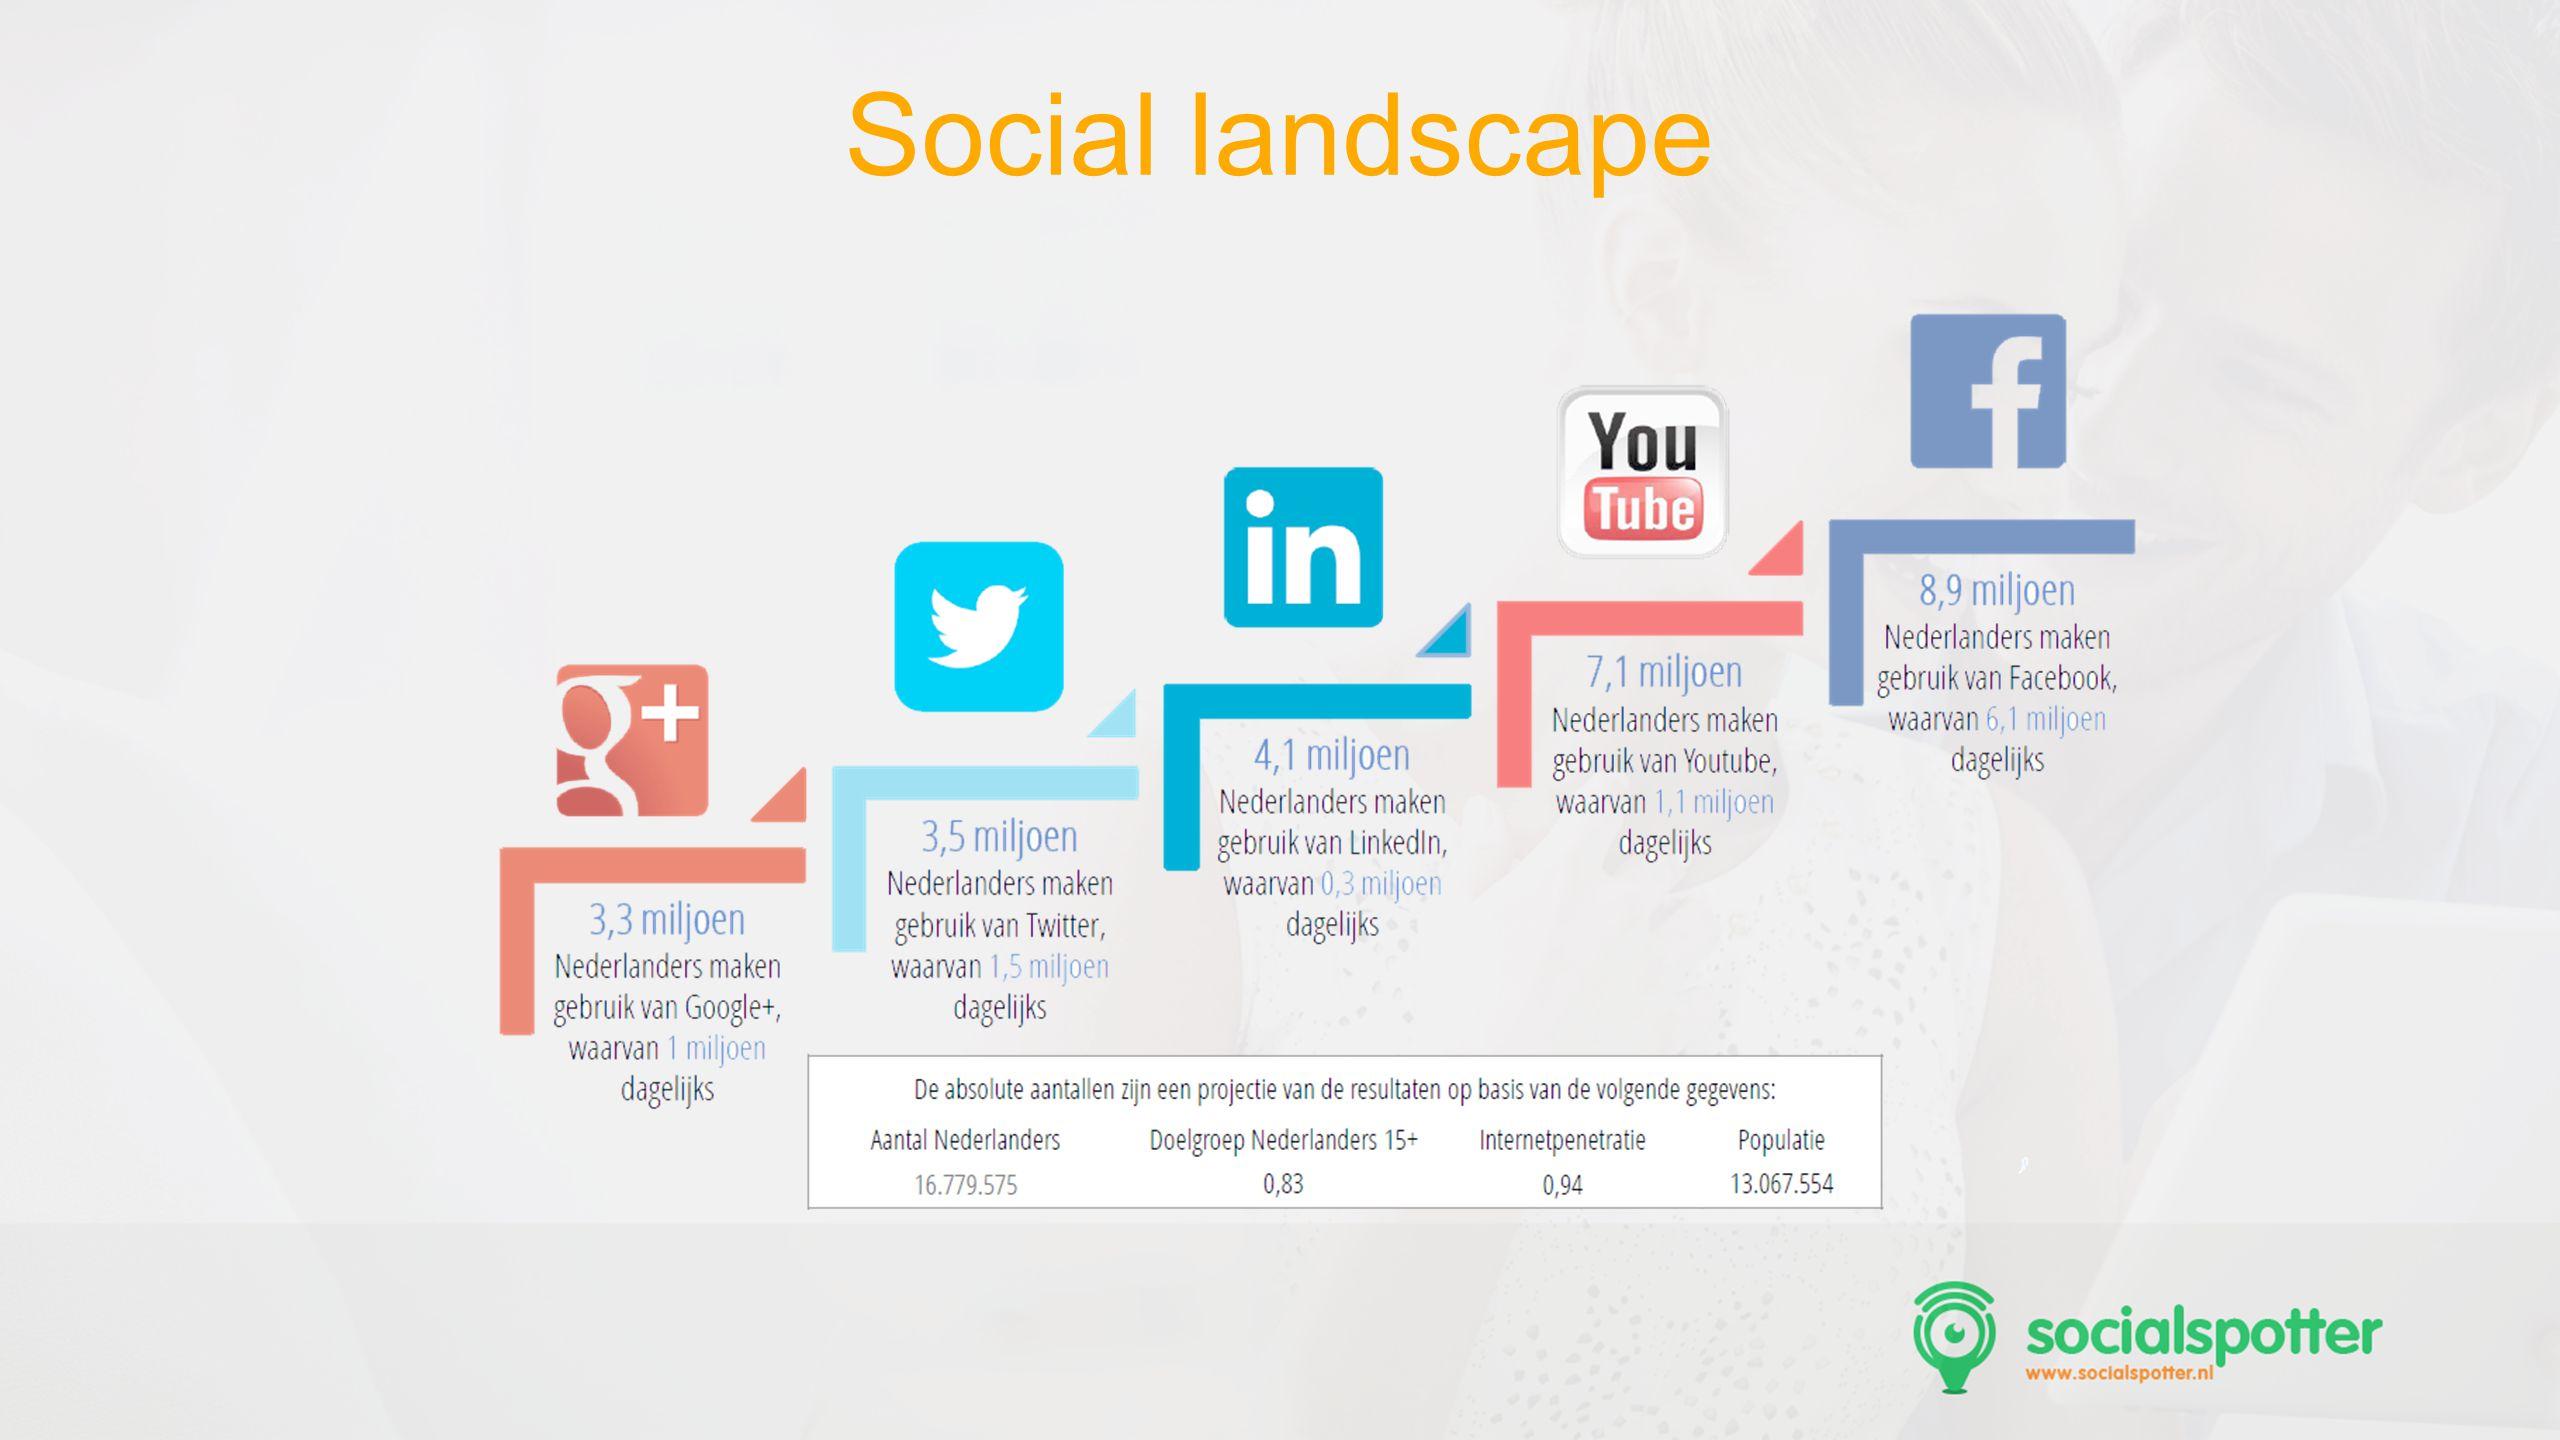 Social landscape